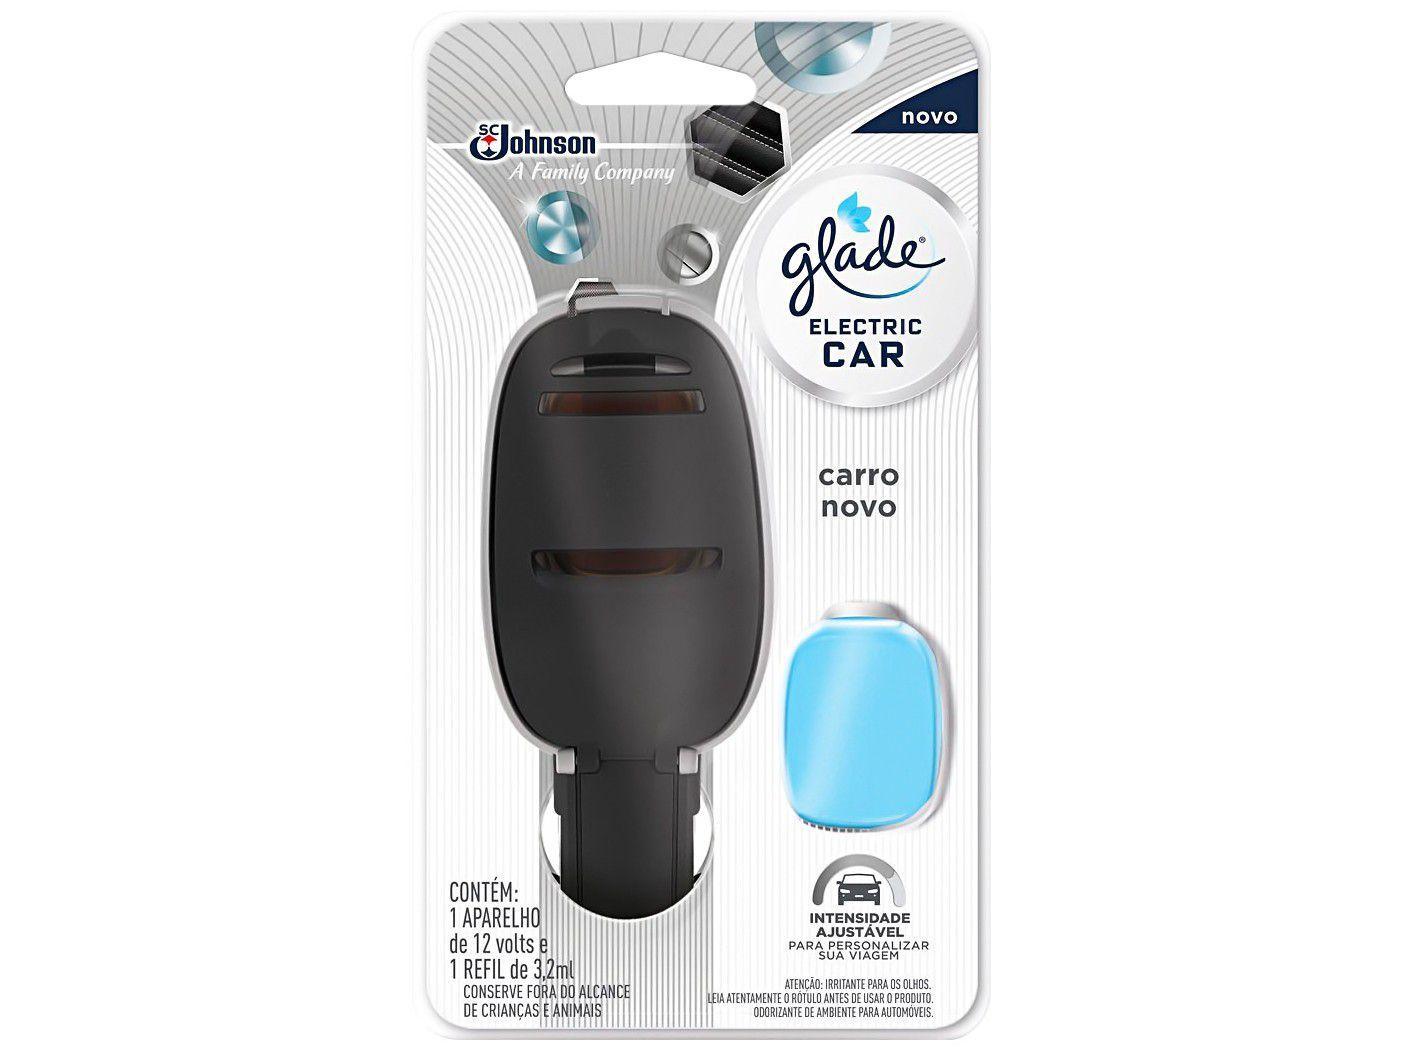 Odorizador de Carro Elétrico Glade - Electric Car Carro Novo 3,2ml